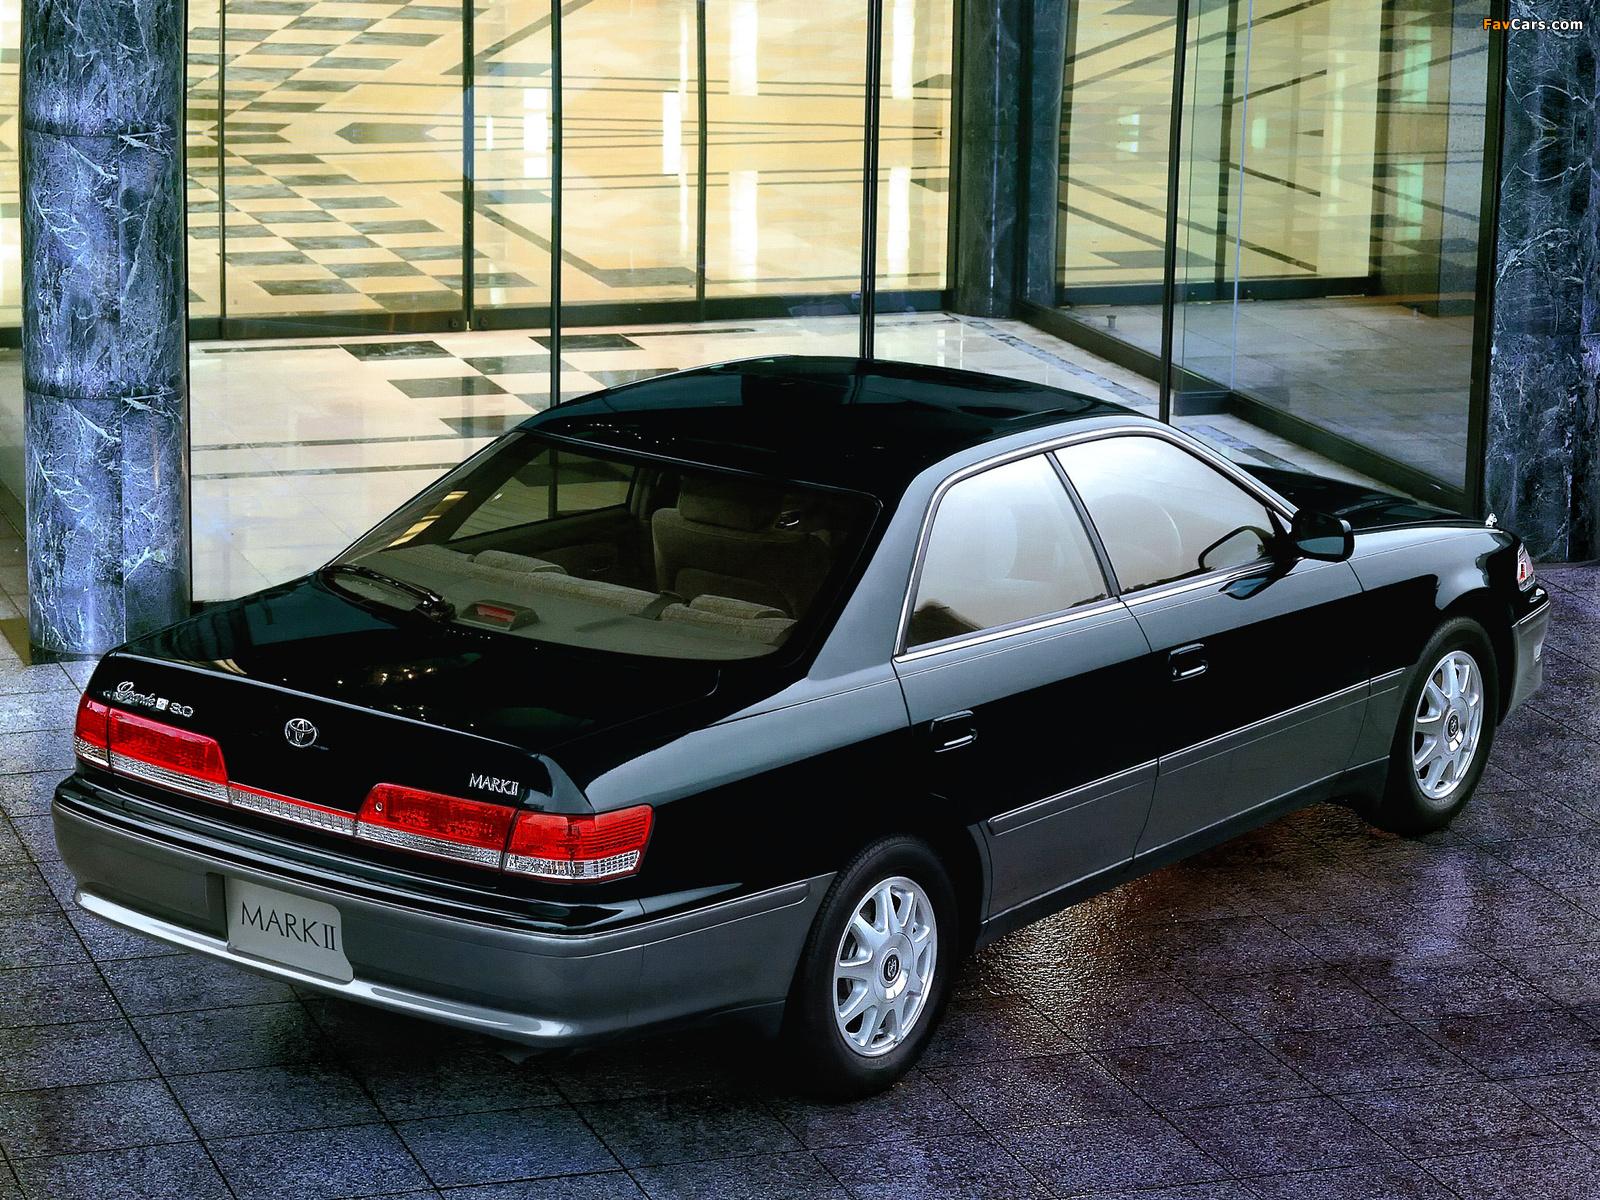 Тойота Марк II — фото, характеристики, описание, цена